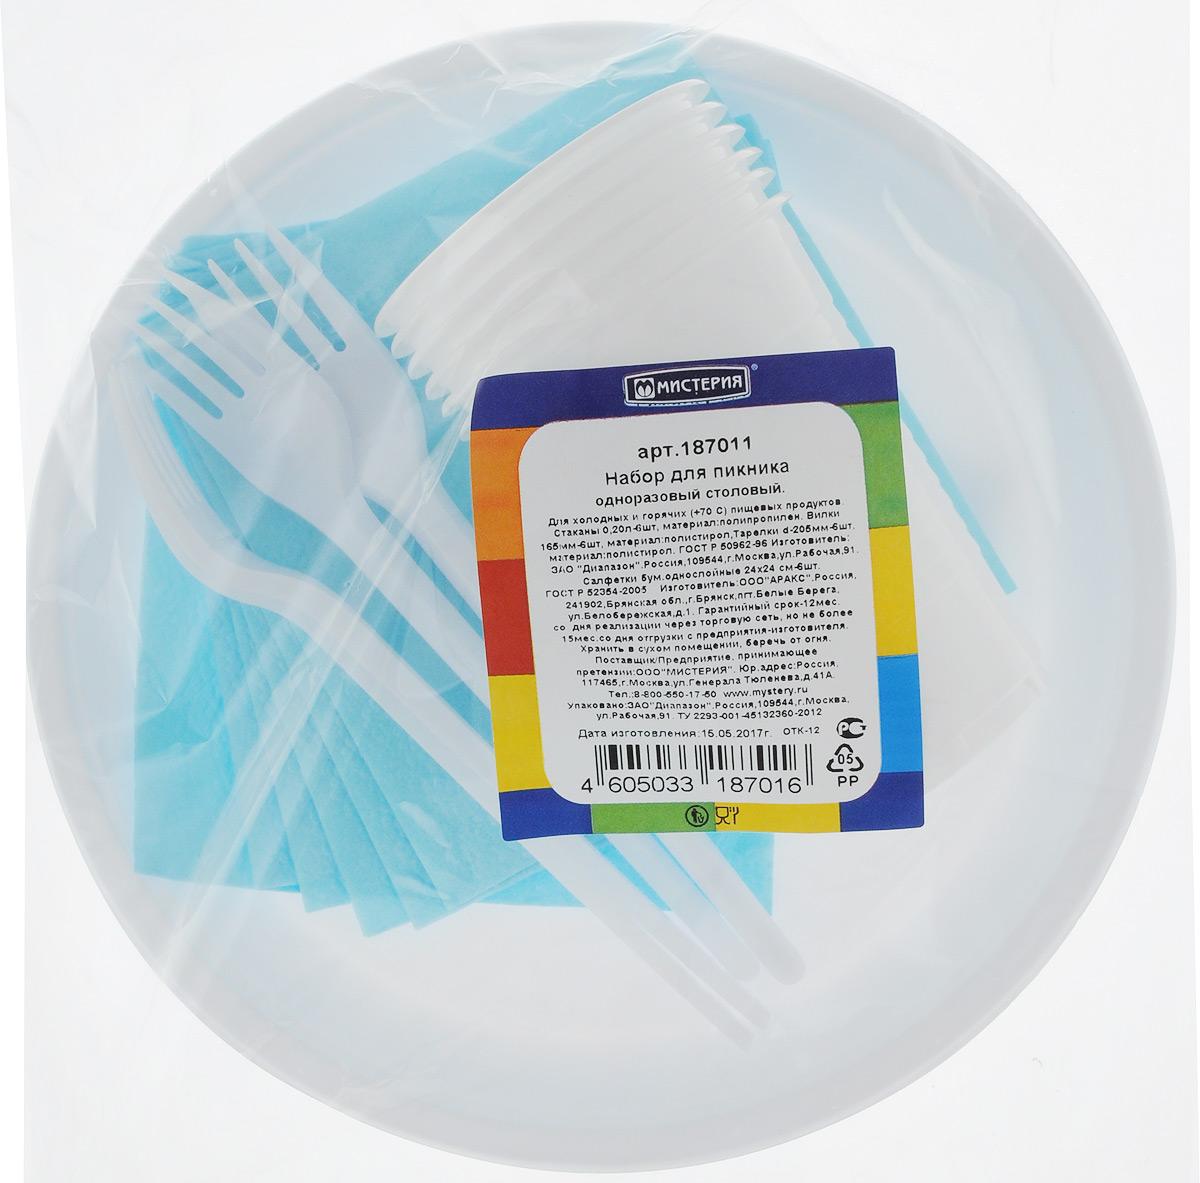 Набор одноразовой посуды Мистерия Пикник, 24 предмета187011Набор одноразовой посуды Мистерия Пикник на 6 персон включает 6 тарелок, 6 вилок, 6 стаканов и 6 салфеток. Посуда выполнена из пищевого пластика, предназначена для холодных и горячих (до +70°С) пищевых продуктов. Такой набор посуды отлично подойдет для отдыха на природе. В нем есть все необходимое для пикника. Он легкий и не занимает много места, а самое главное - после использования его не надо мыть. Объем стакана: 200 мл. Диаметр стакана (по верхнему краю): 7 см. Высота стакана: 9,5 см. Диаметр тарелки: 20,5 см. Длина вилки: 16,5 см. Размер салфетки: 24 х 24 см.Уважаемые клиенты! Обращаем ваше внимание на цветовой ассортимент товара. Поставка осуществляется в зависимости от наличия на складе.